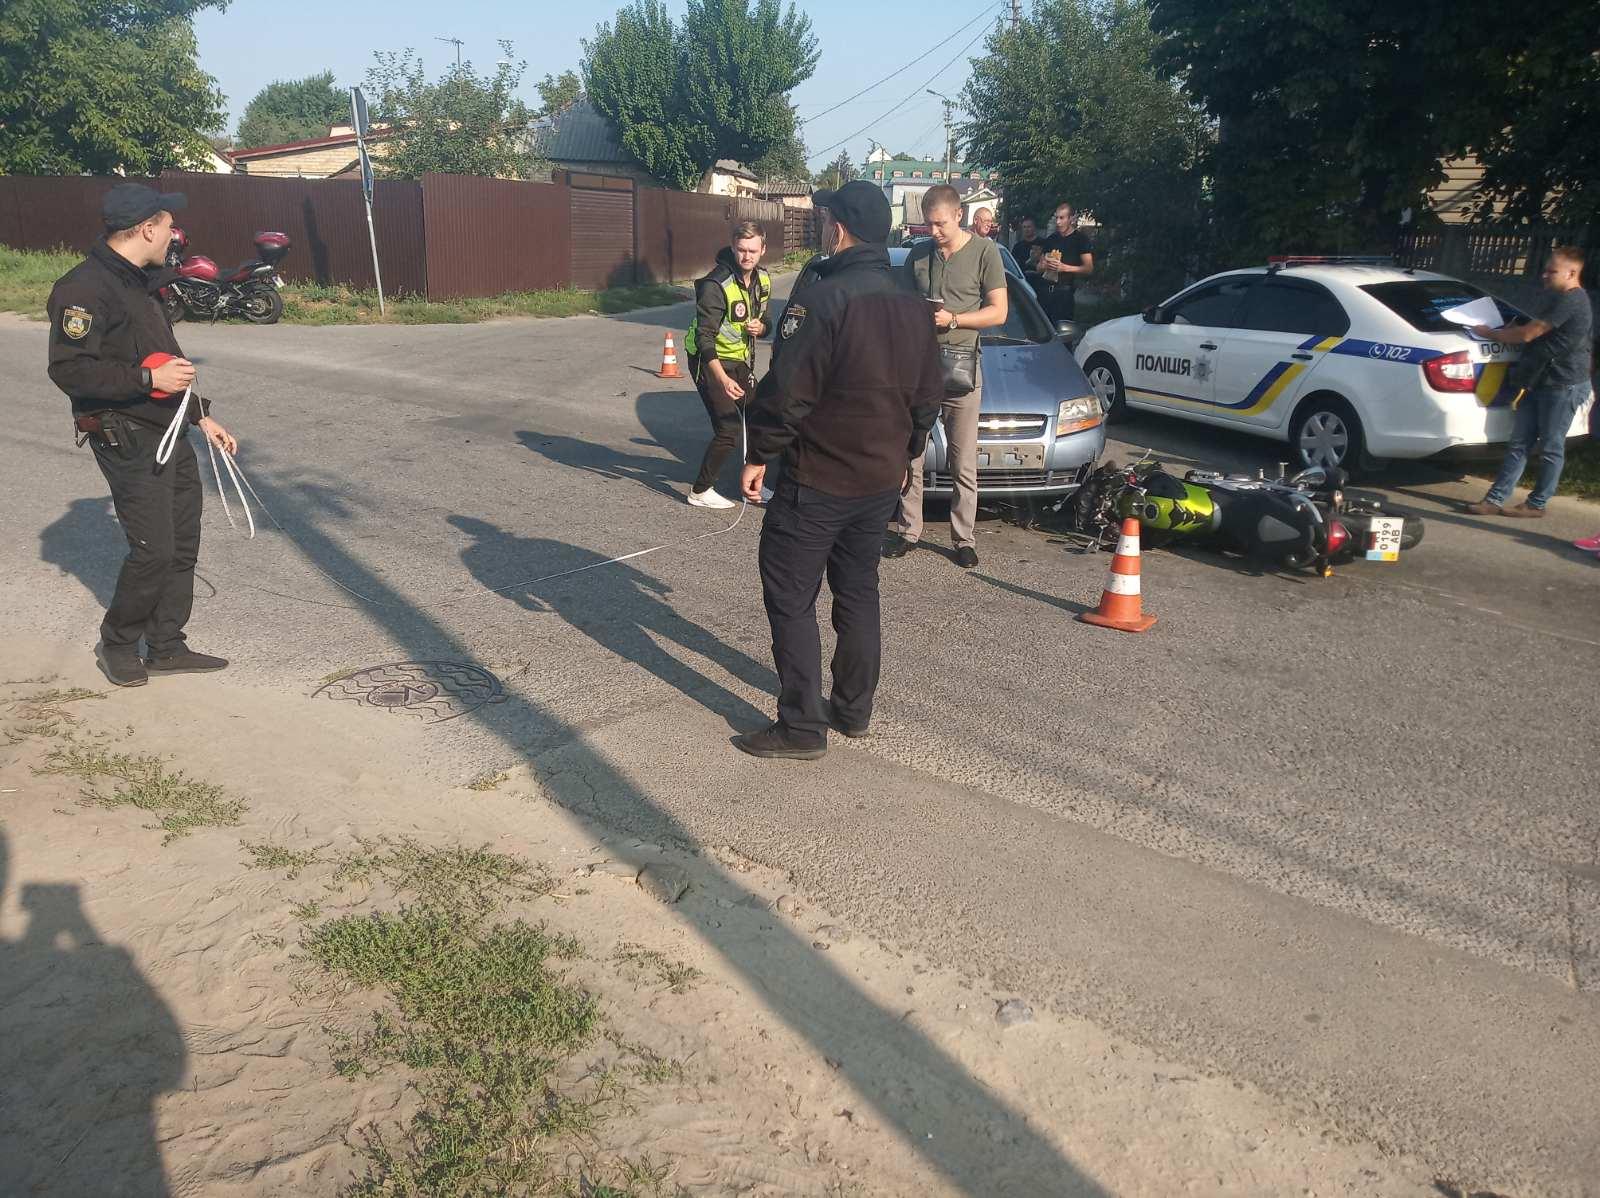 У Броварах сталася мото ДТП з постраждалим - мотоцикл, мотодтп, ДТП з потерпілим - yzobrazhenye viber 2020 09 16 10 19 05